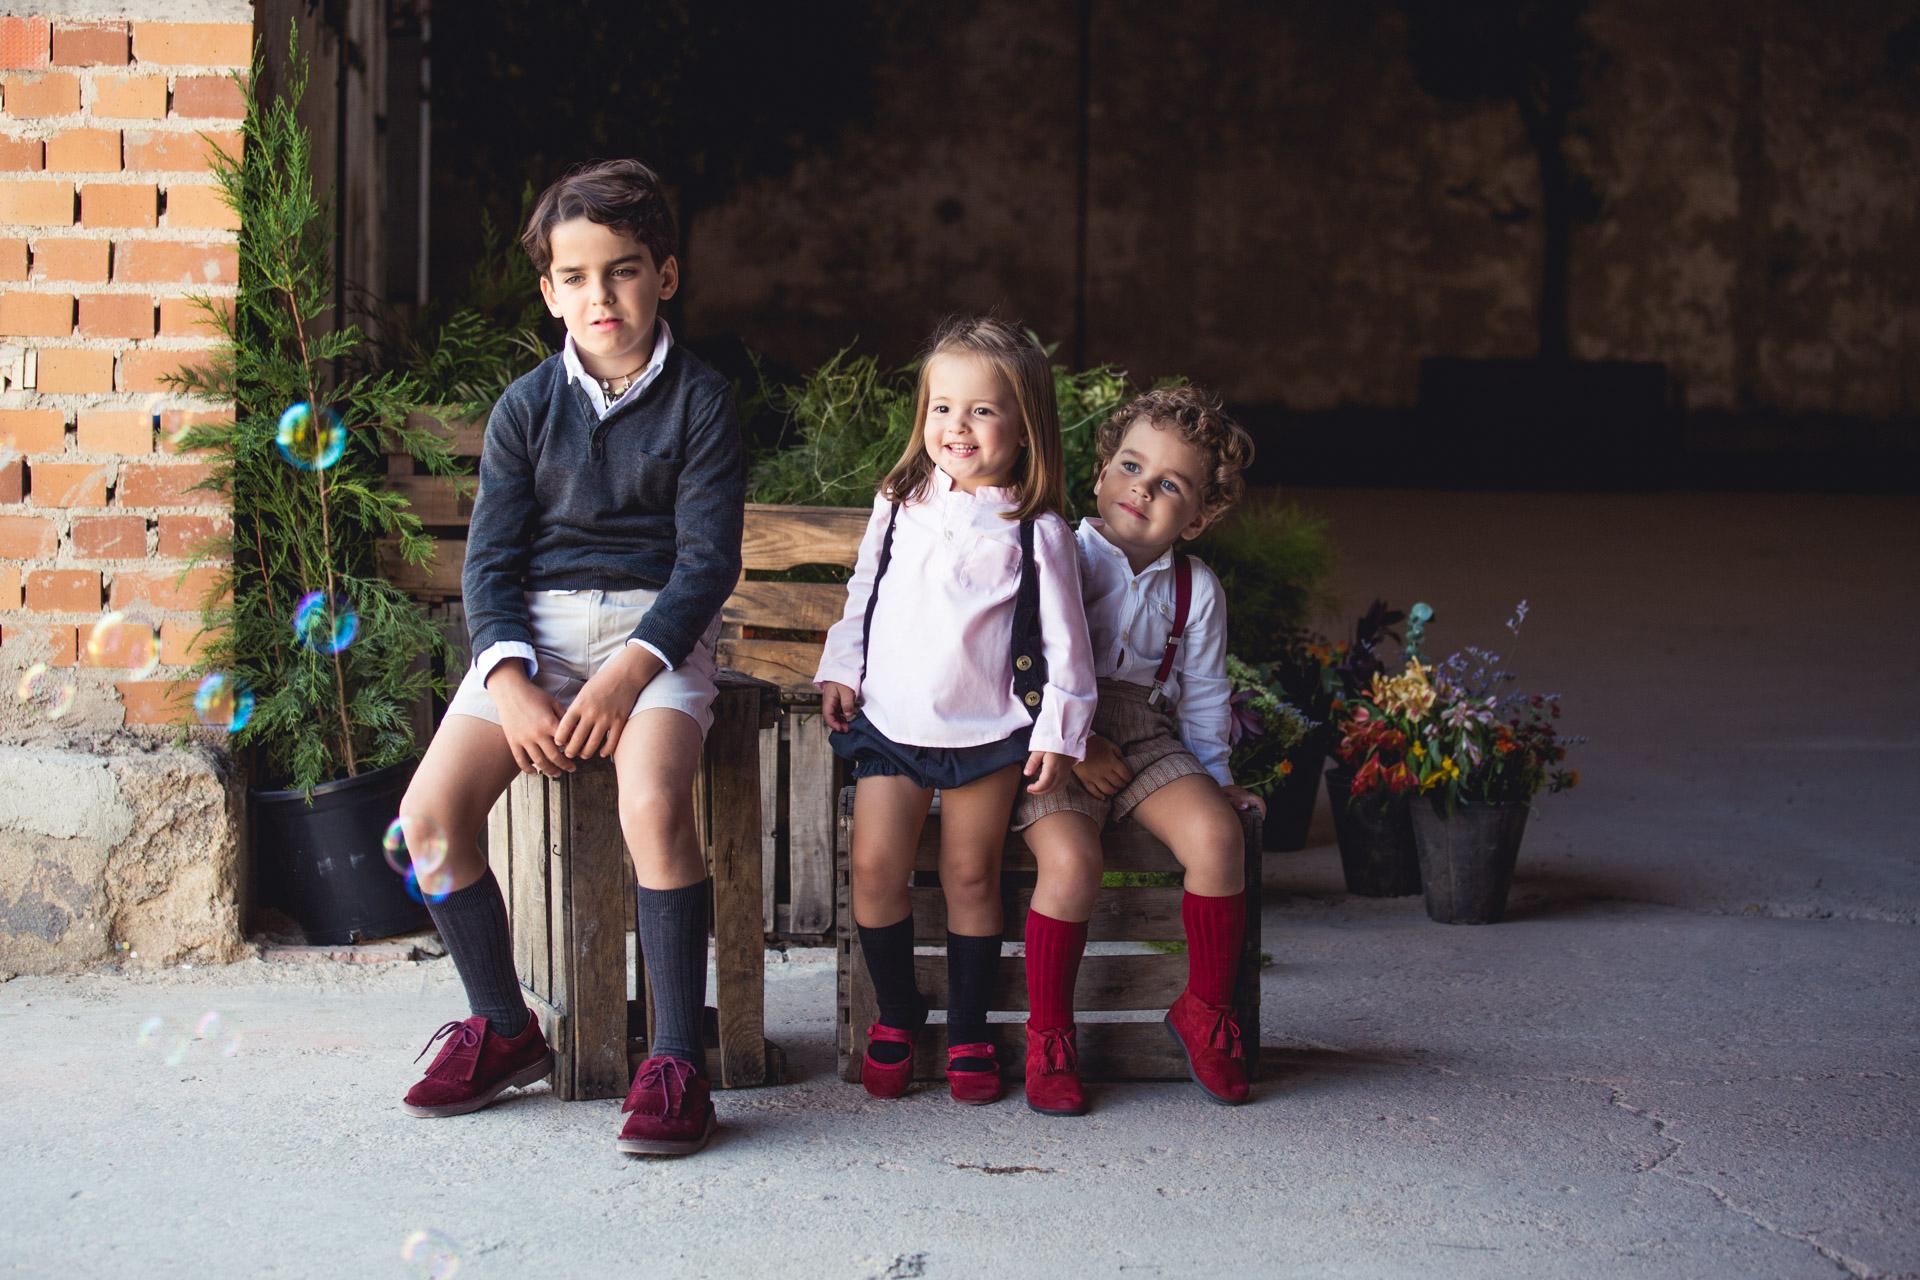 Lookbook Otoño Invierno 2016 - Para niños y niñas, calzado de calidad a buen precio